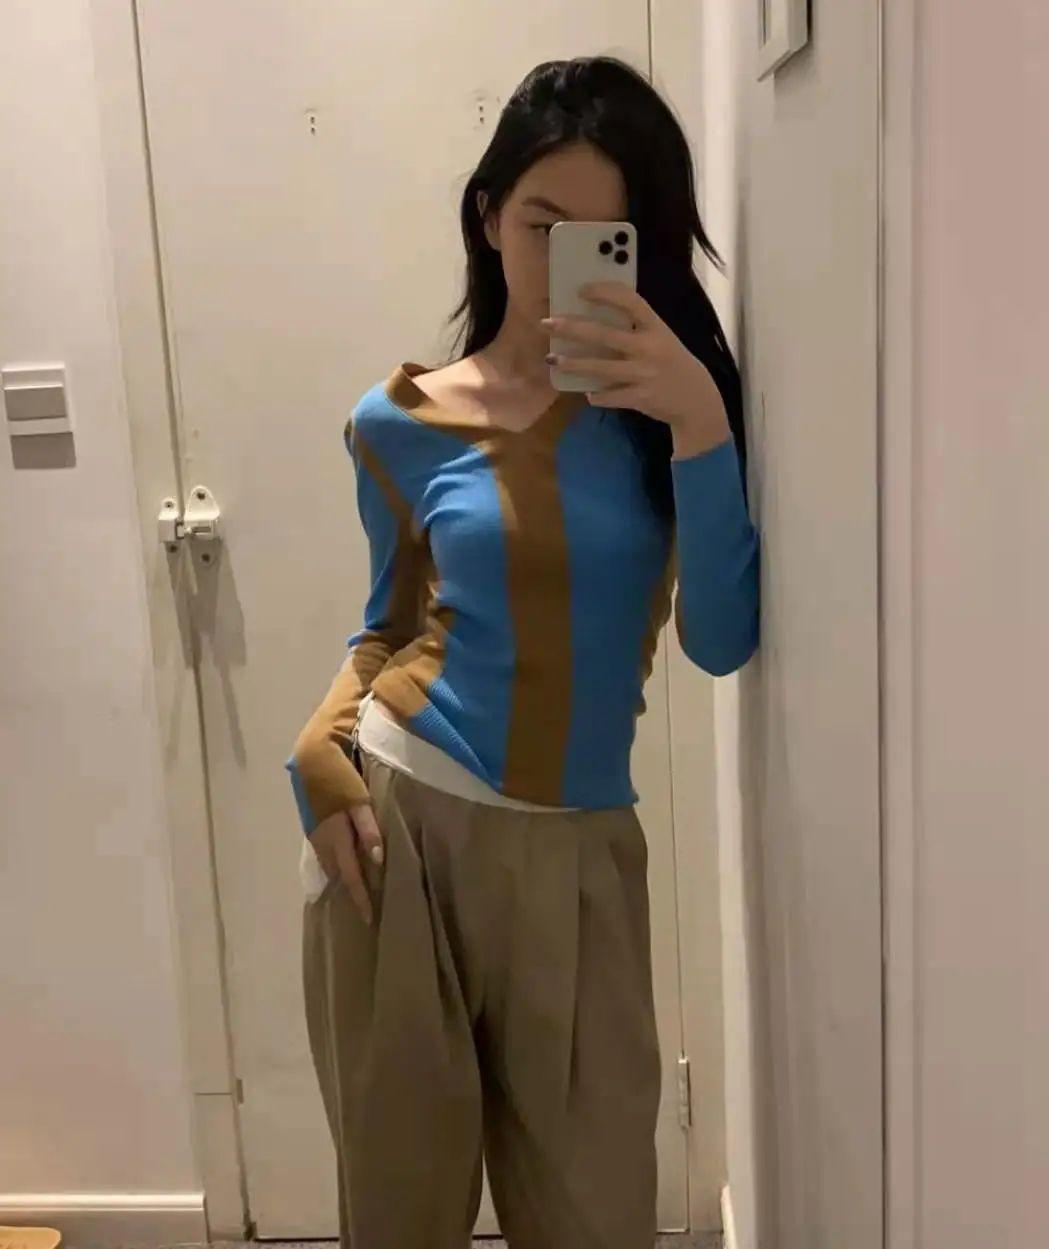 王菲14岁女儿李嫣近照曝光,穿短裙侧躺秀性感美腿,被批不合适